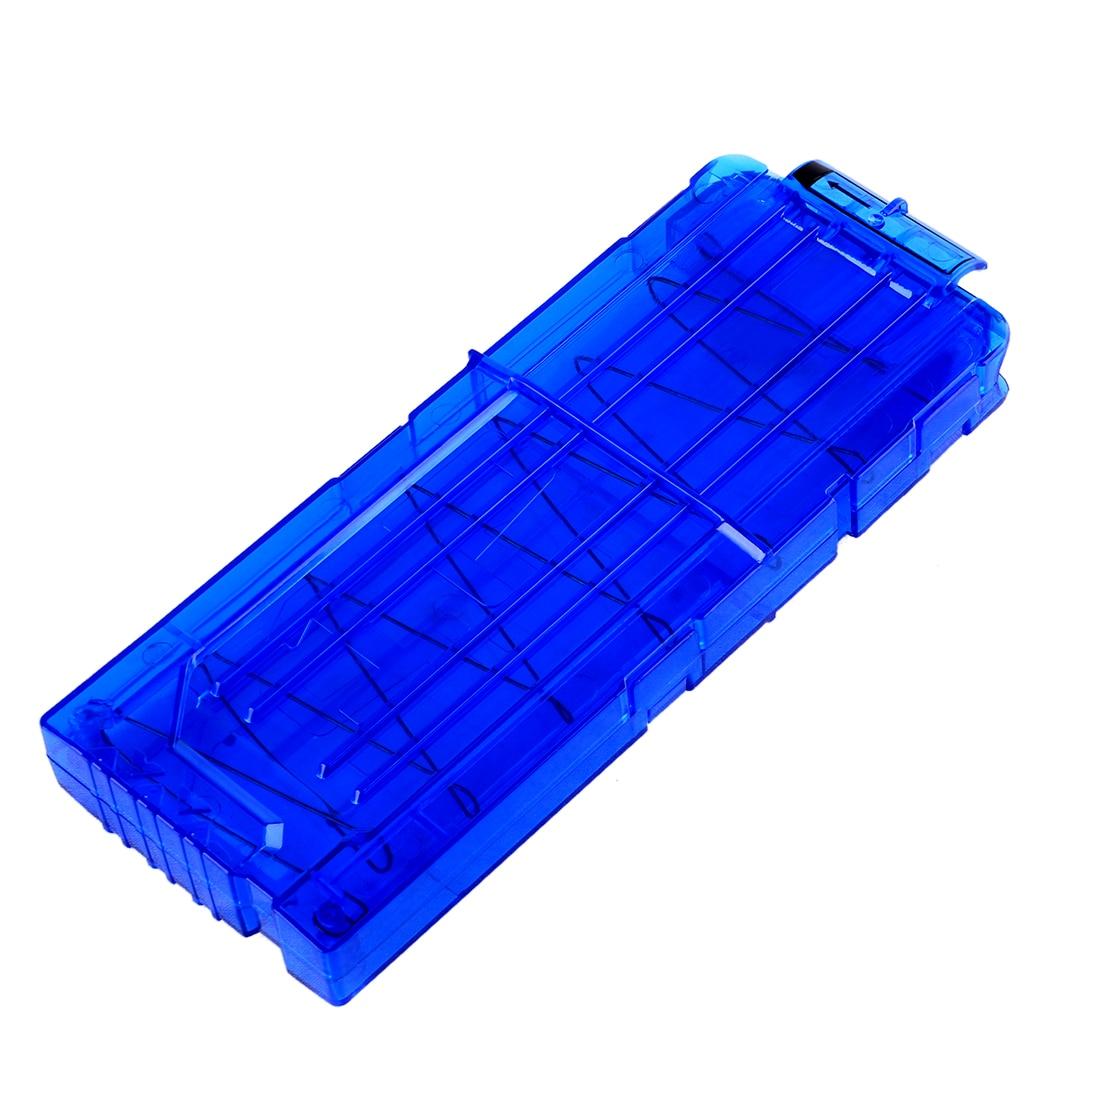 Мягкая Пуля зажимы для Nerf n-удар Элитной серии 12 пули патронов картридж Дартс для Нерфа пуля клипы- прозрачный синий